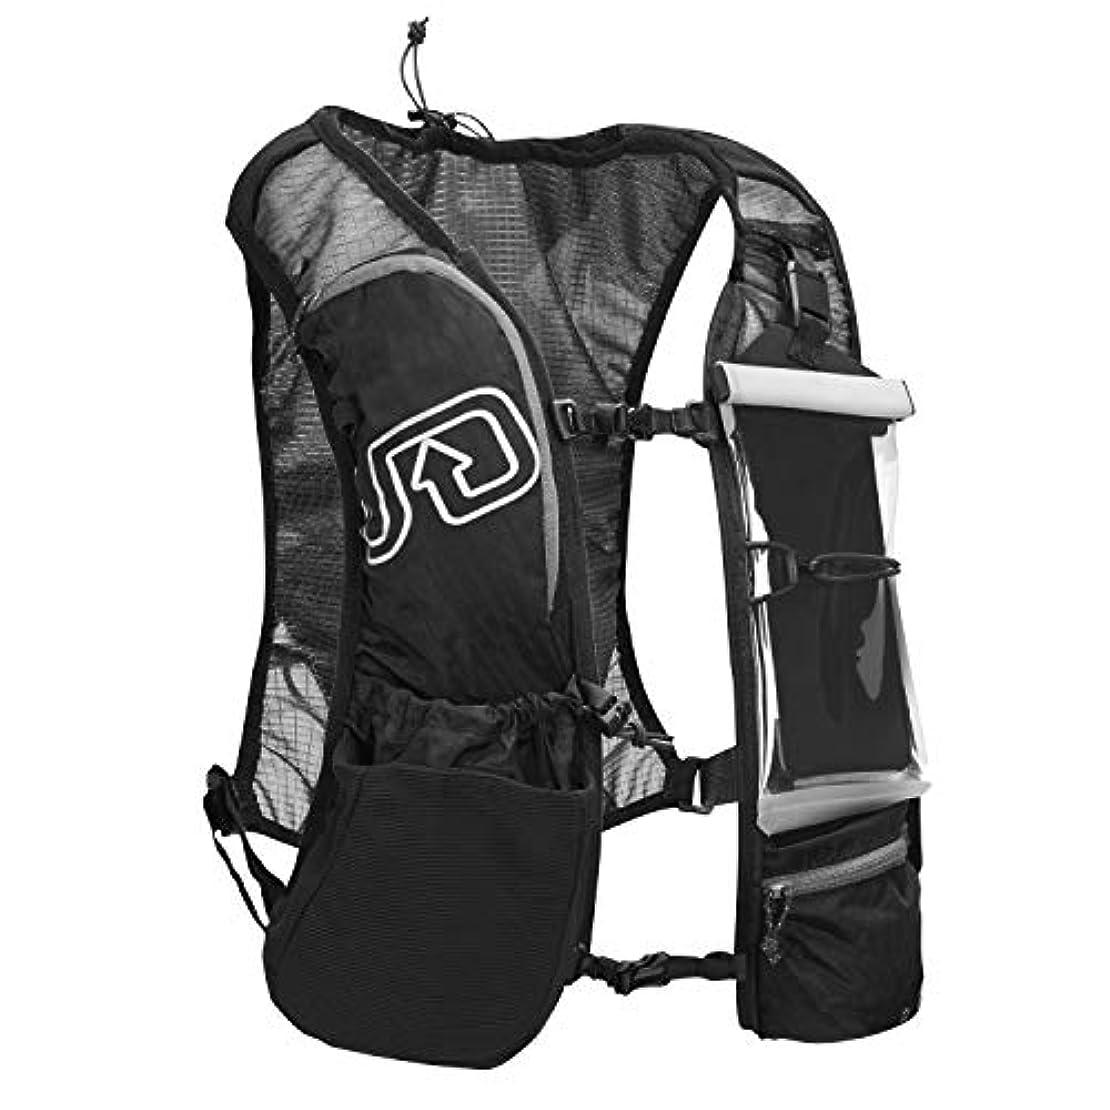 ジュースピークオリエンタル[アルティメイトディレクション] ハイドレーションバッグ OCR VEST SM/MDサイズ